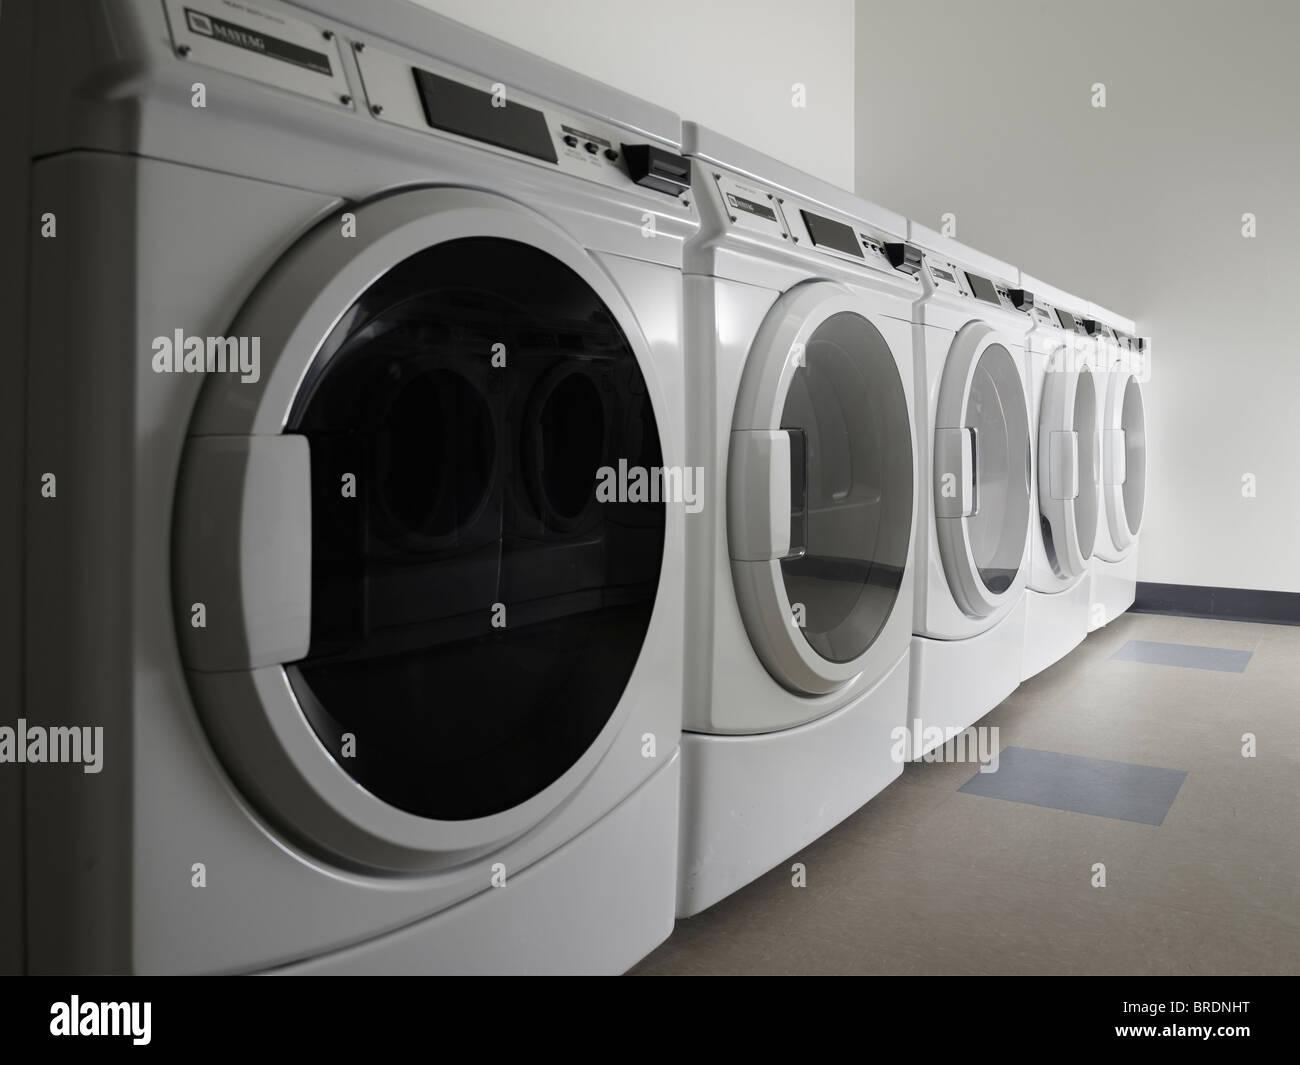 New Washing Machines In Laundromat Laundrette, Philadelphia, USA - Stock Image